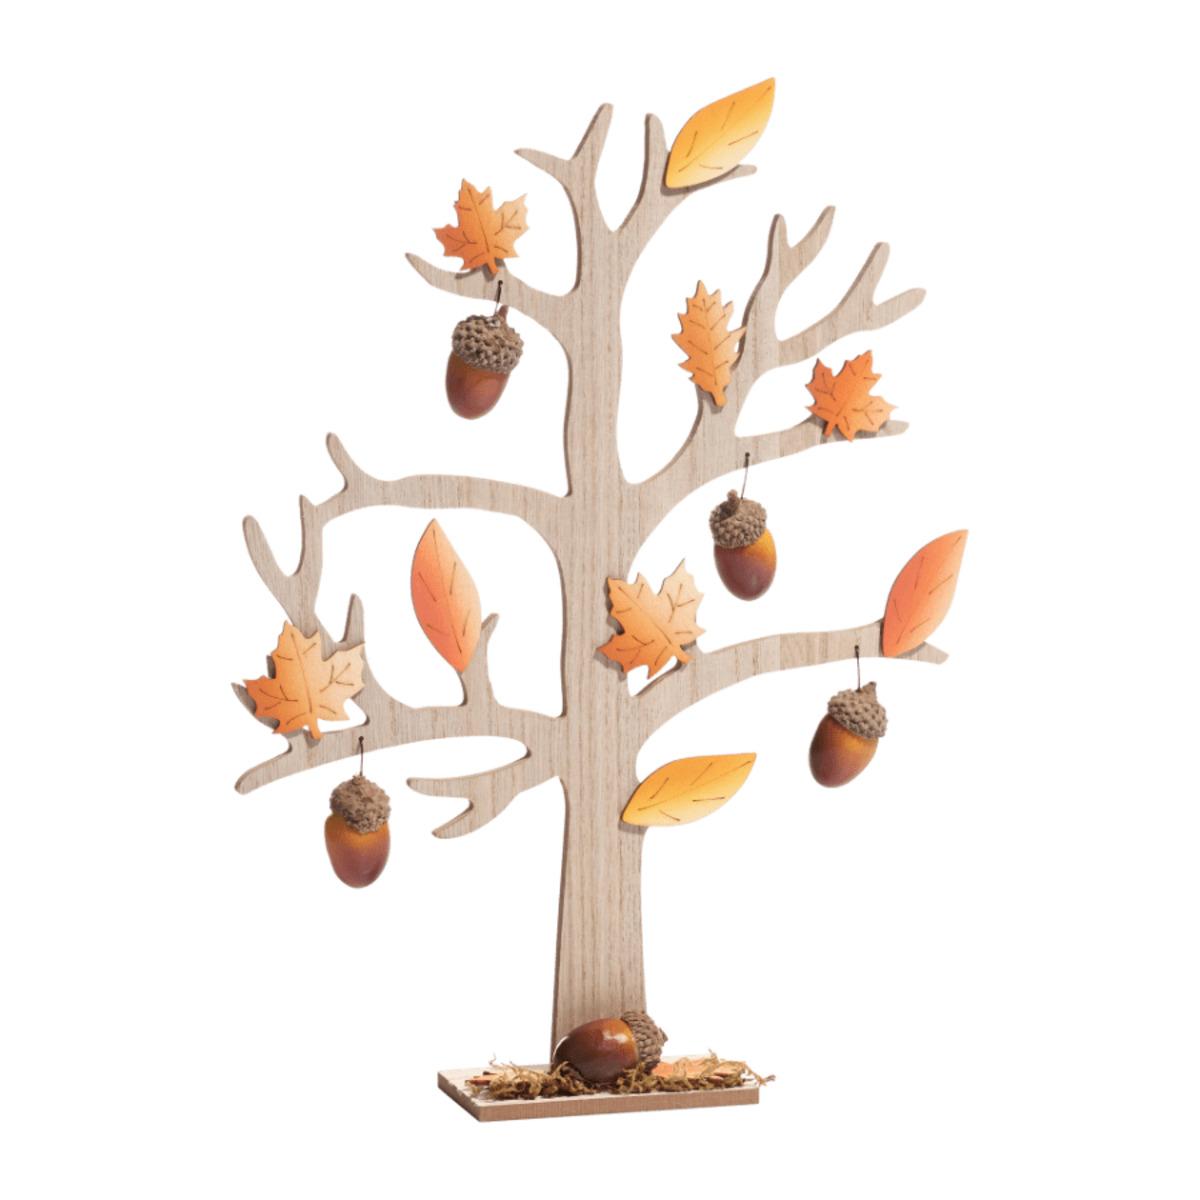 Bild 4 von LIVING ART     Holz-Herbstdekoration